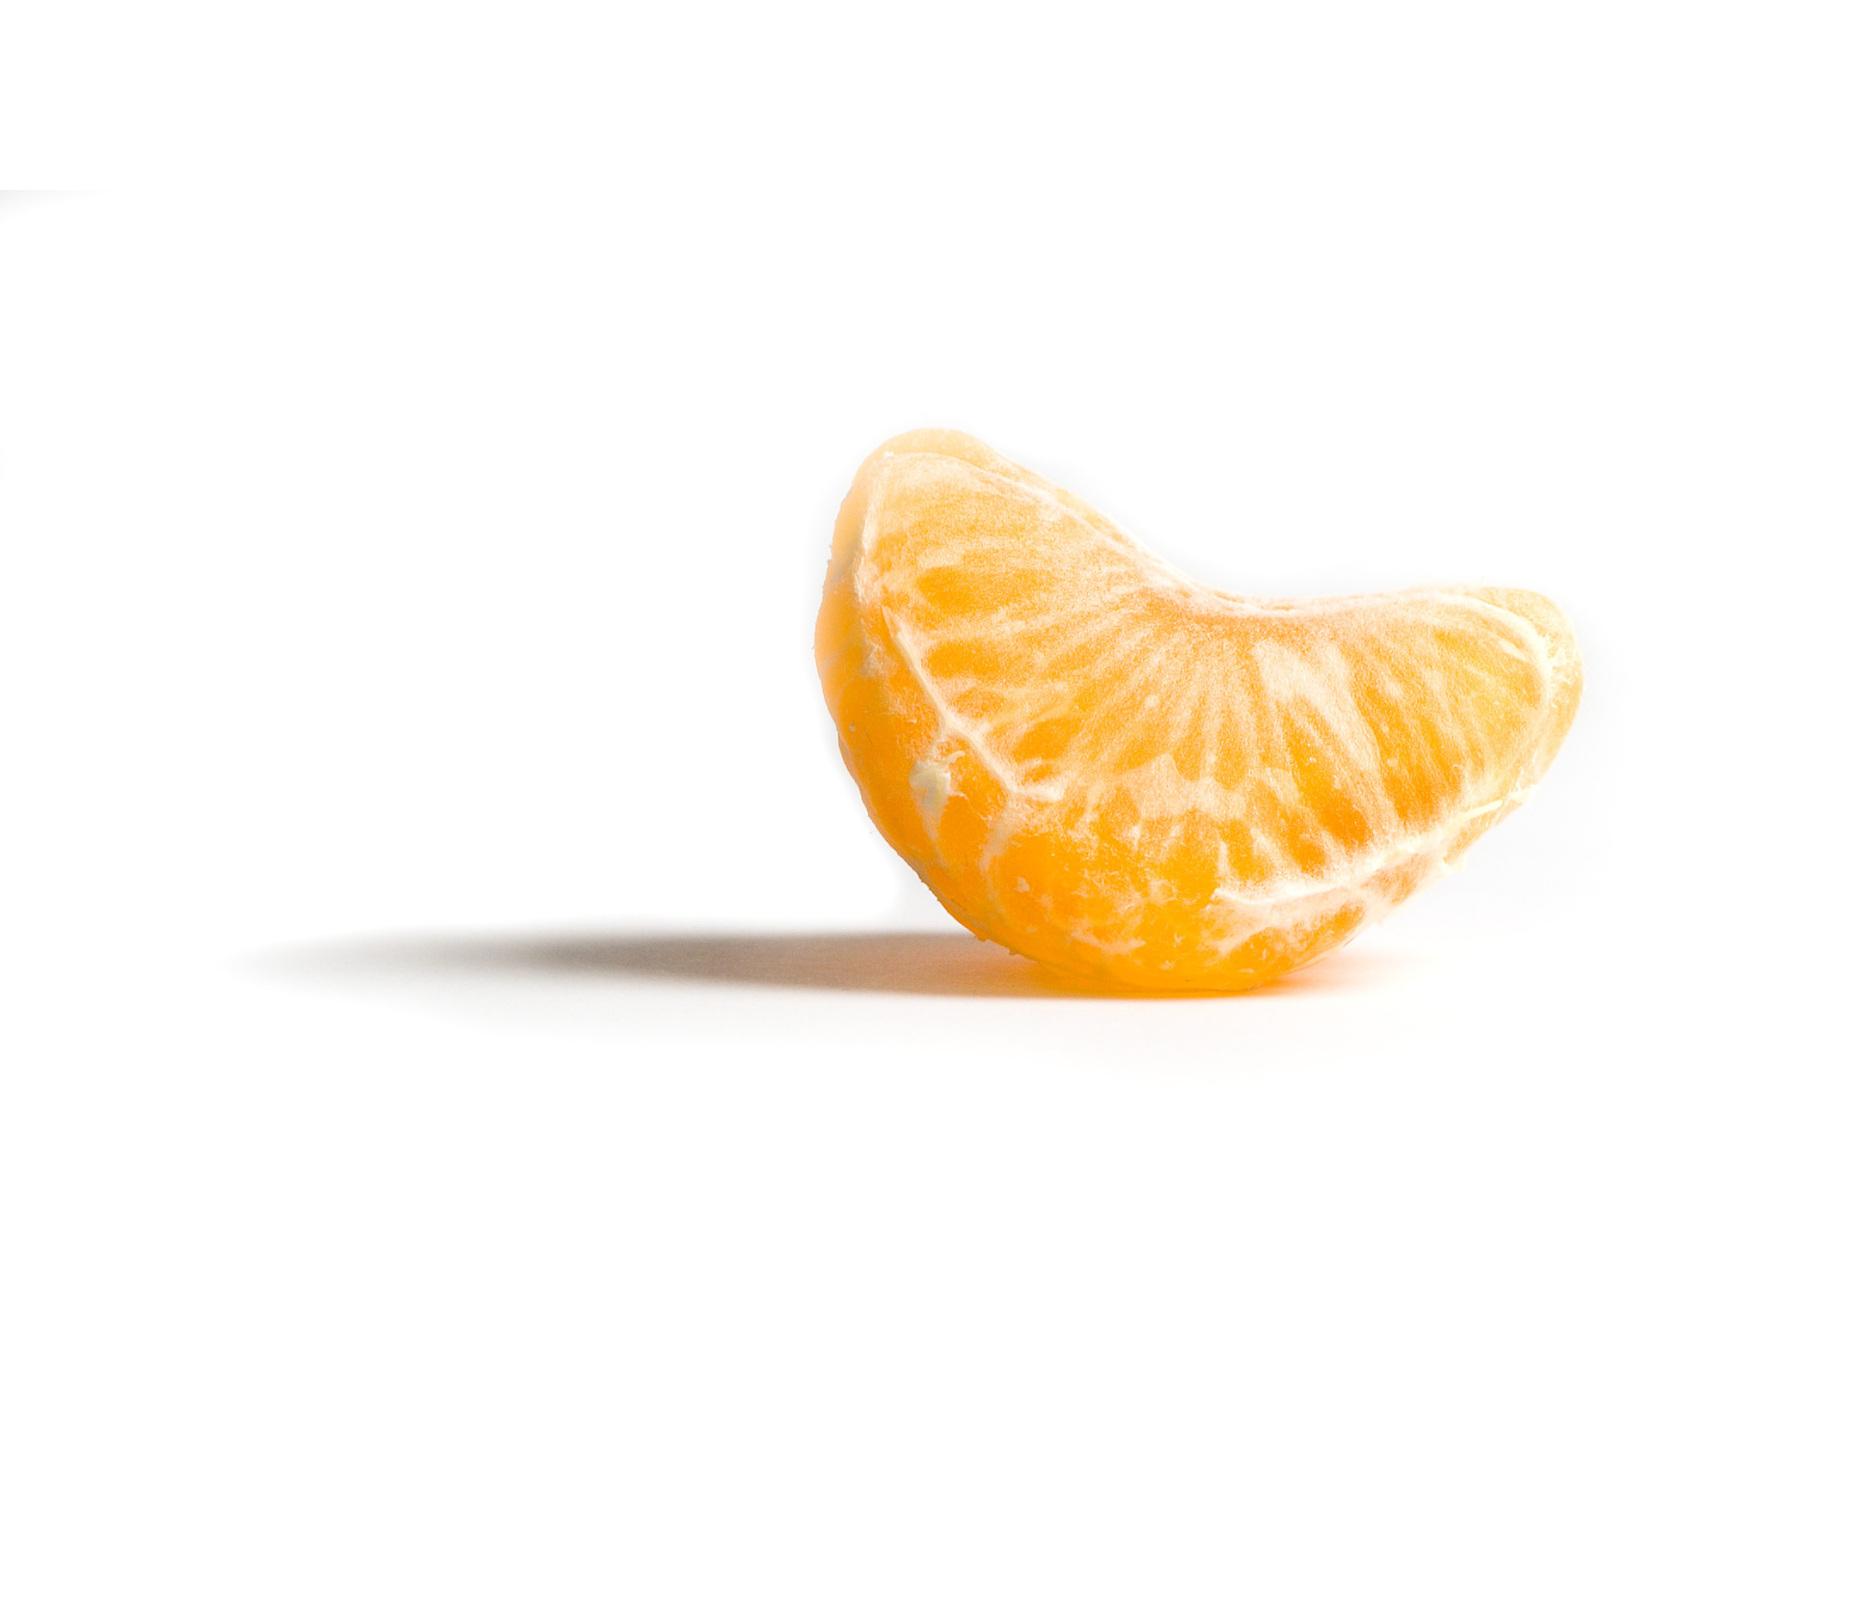 Tangerine for breakfast